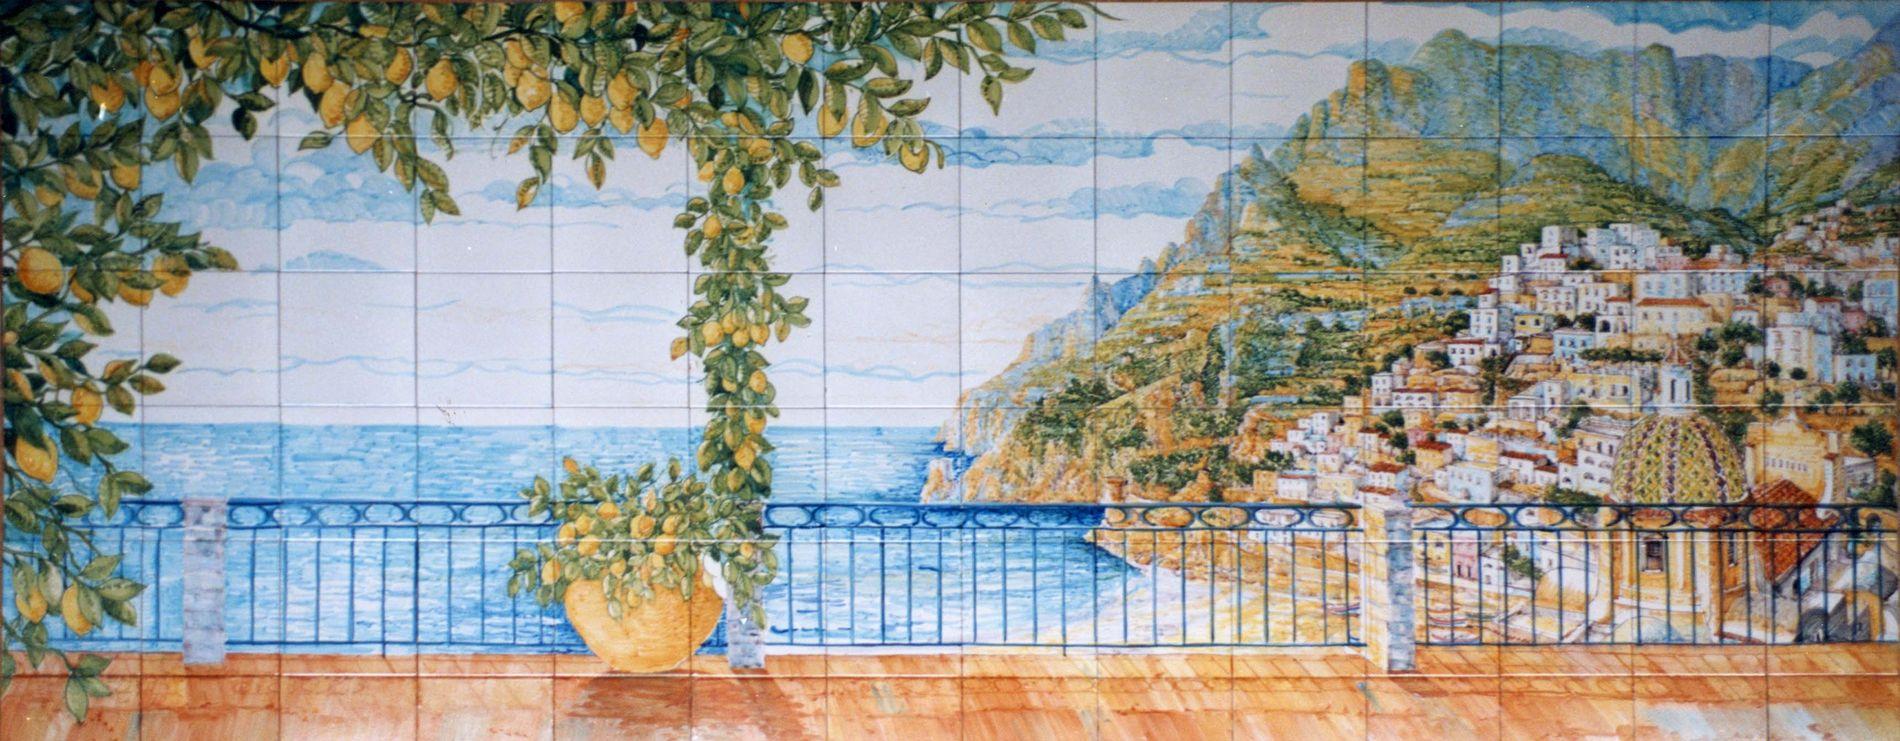 Pannelli e decori su piastrella